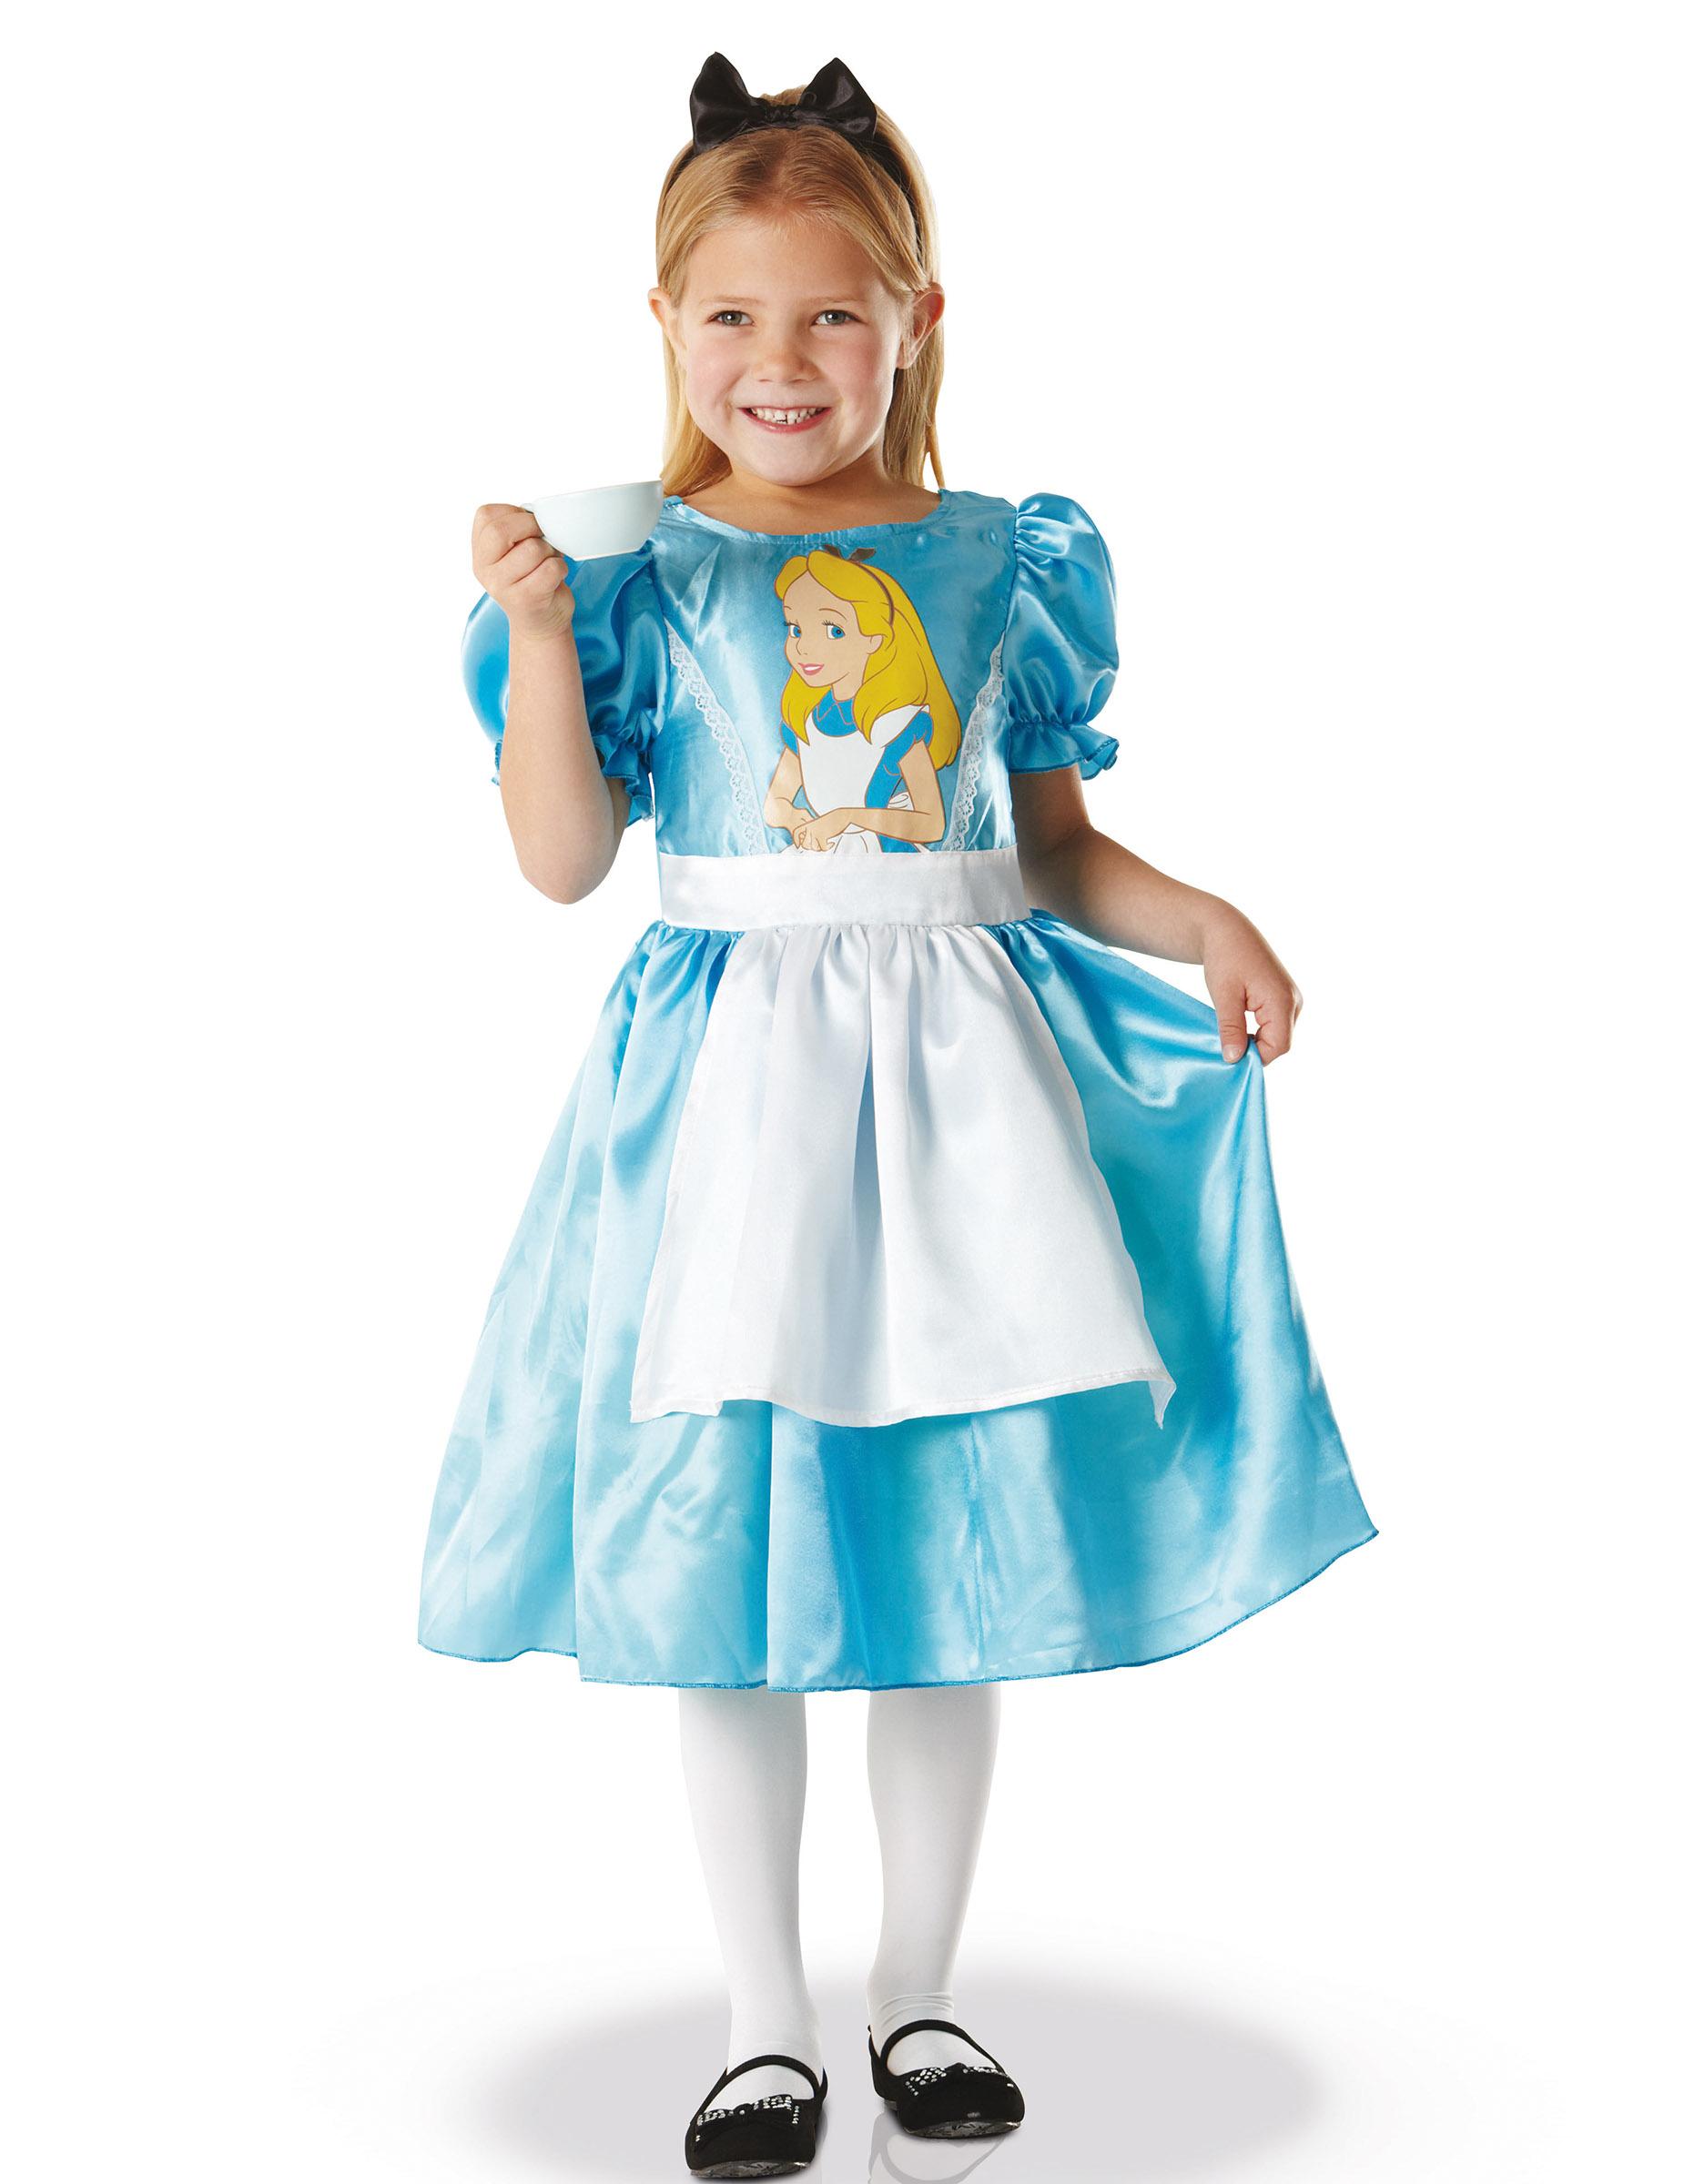 deguisement classique alice au pays des merveilles fille achat de d guisements enfants sur. Black Bedroom Furniture Sets. Home Design Ideas